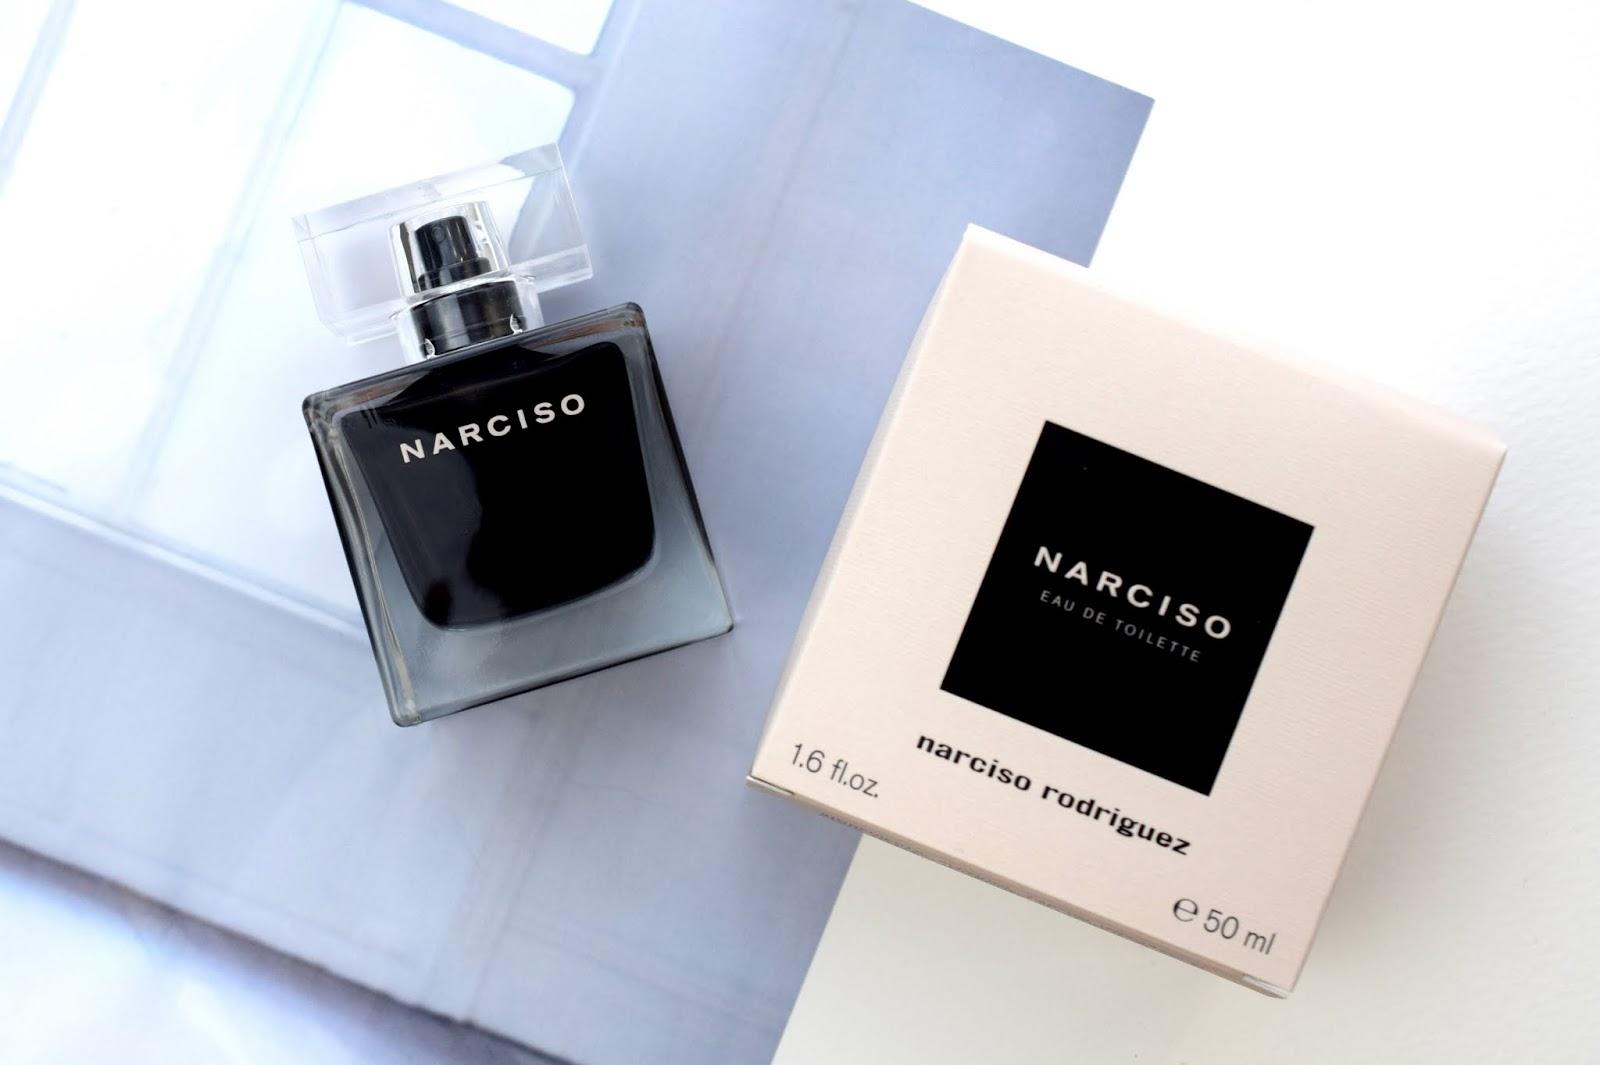 Parfum Review: Narciso Rodriguez - Narciso Eau de Toilette